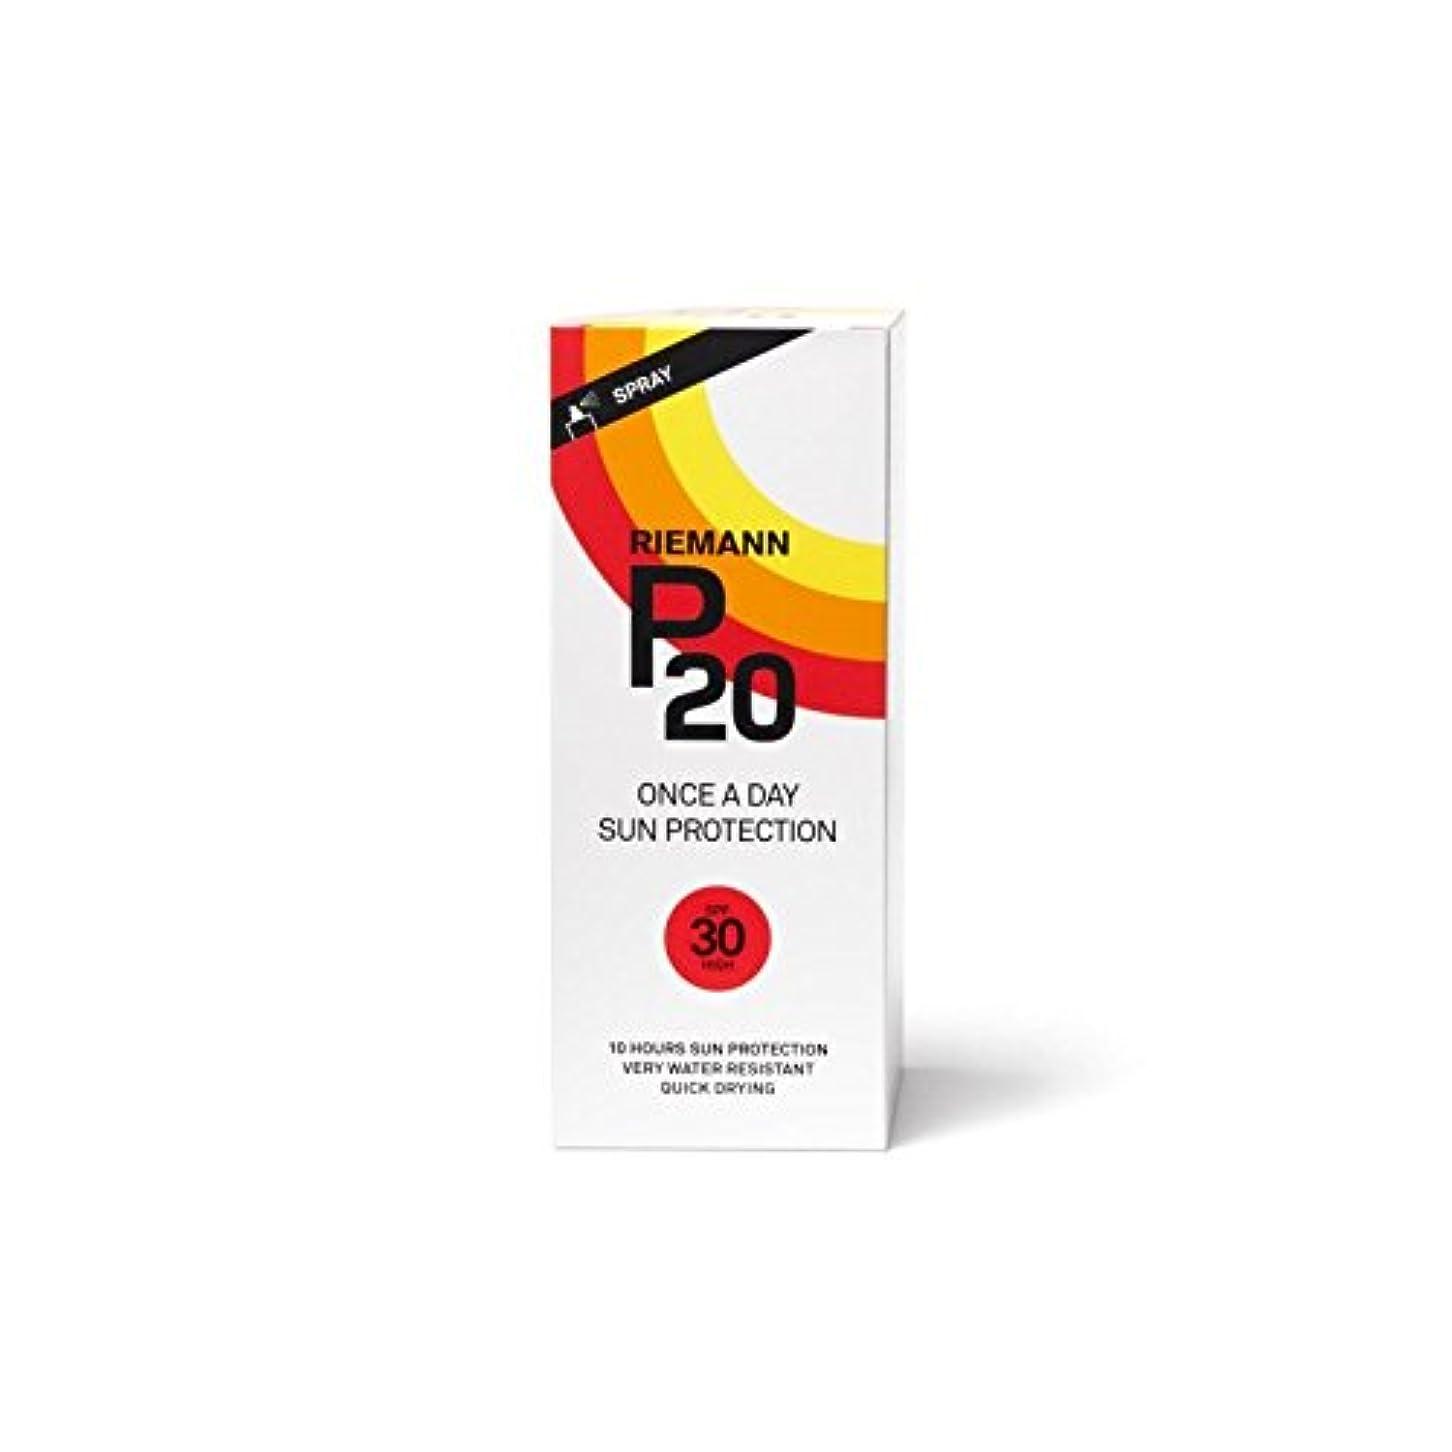 アイロニー花瓶利得リーマン20のサンフィルター200ミリリットル30 x2 - Riemann P20 Sun Filter 200ml SPF30 (Pack of 2) [並行輸入品]